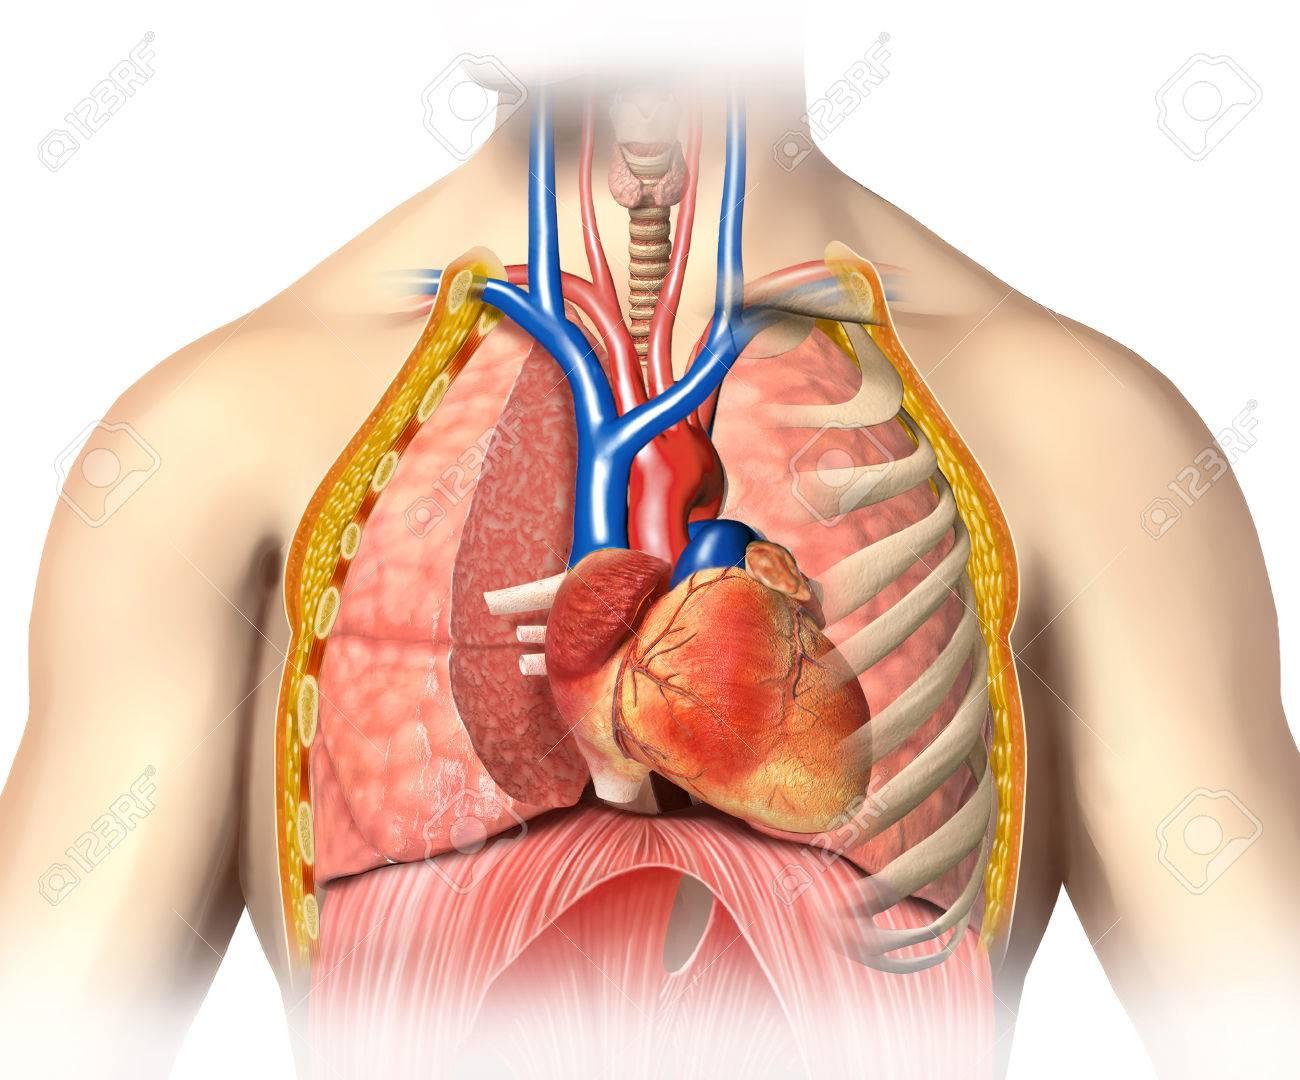 Anatomía Del Tórax Masculino Del Tórax Con Corazón, Venas, Arterias ...